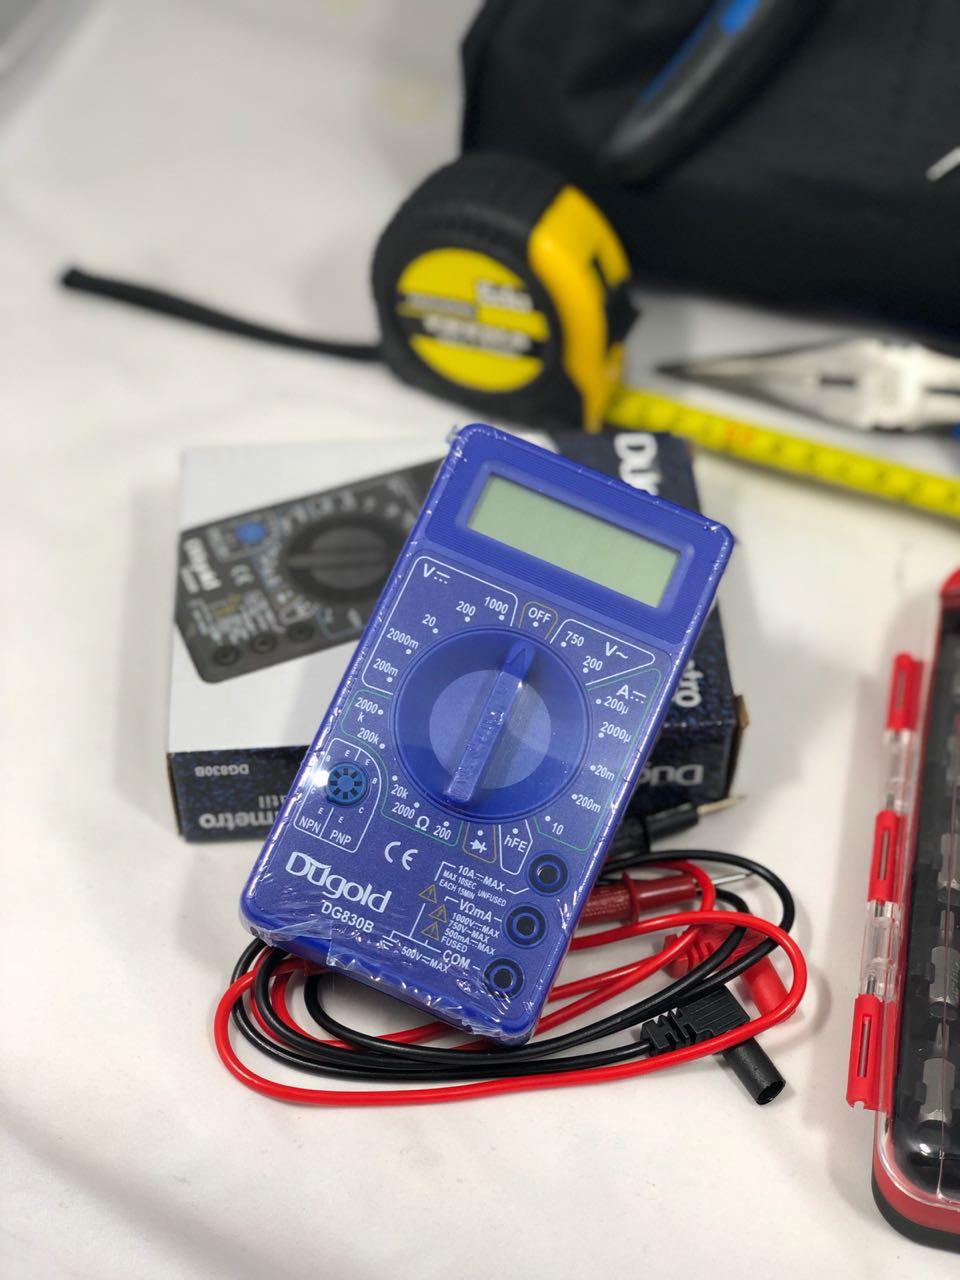 Kit Ferramentas Eletricista Eletrônica 11 Itens 32 Peças